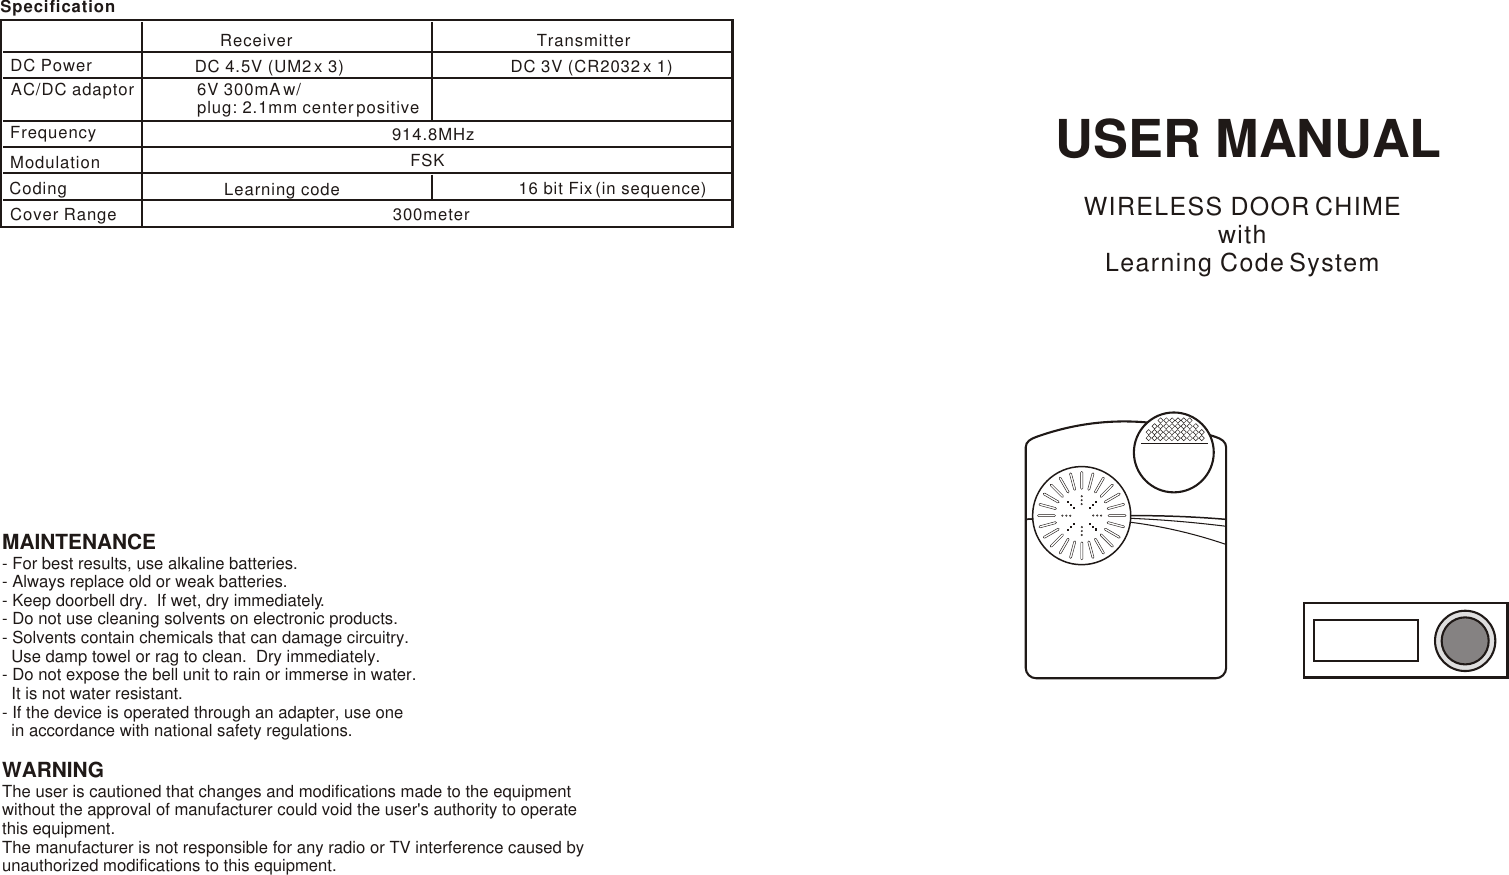 Venture Global DCX-800 Wireless Door Chime User Manual